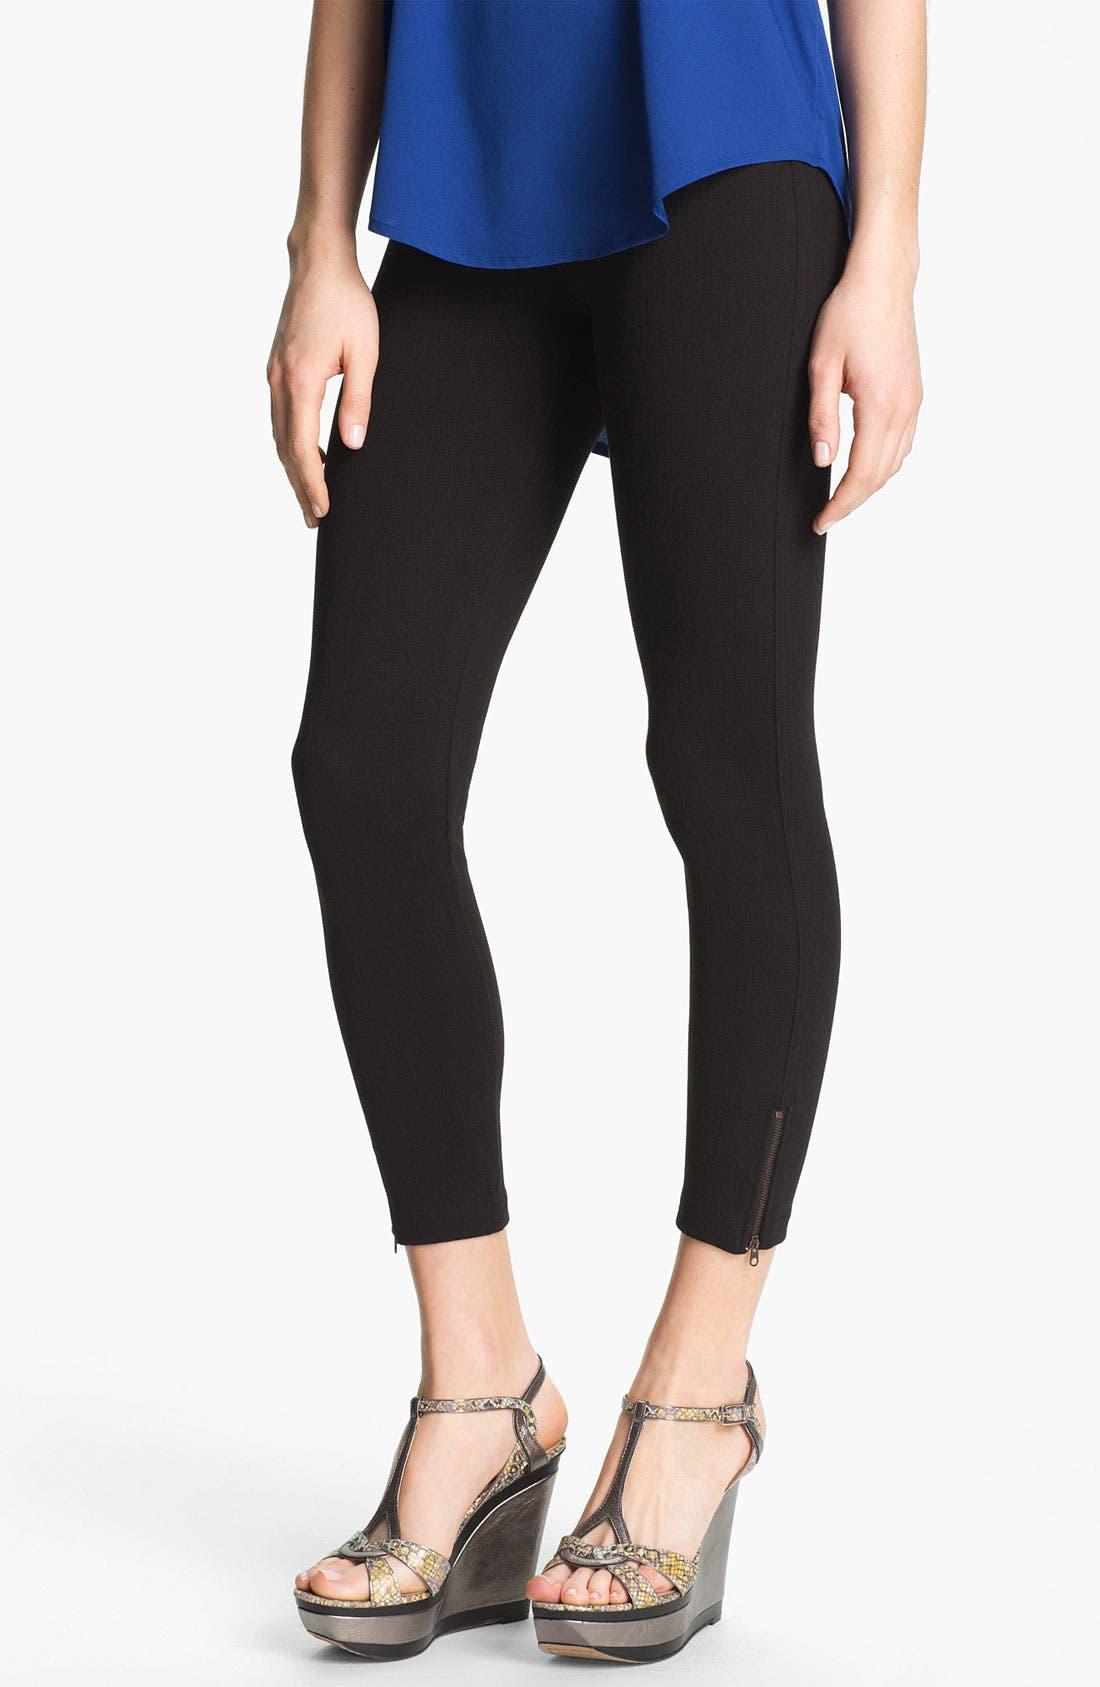 Alternate Image 1 Selected - Nordstrom Skinny Zip Cropped Leggings